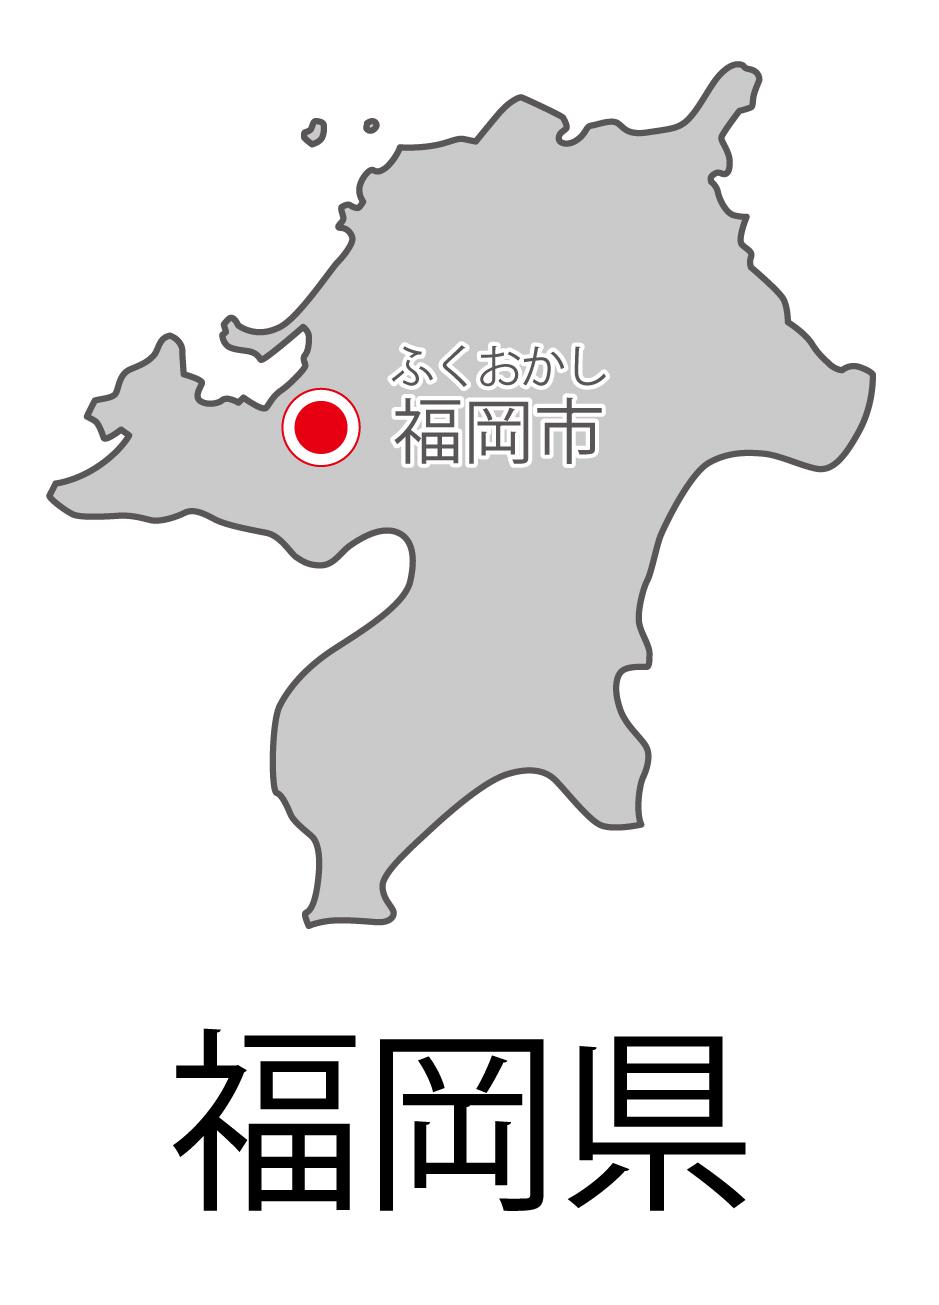 福岡県無料フリーイラスト|日本語・都道府県名あり・県庁所在地あり・ルビあり(グレー)